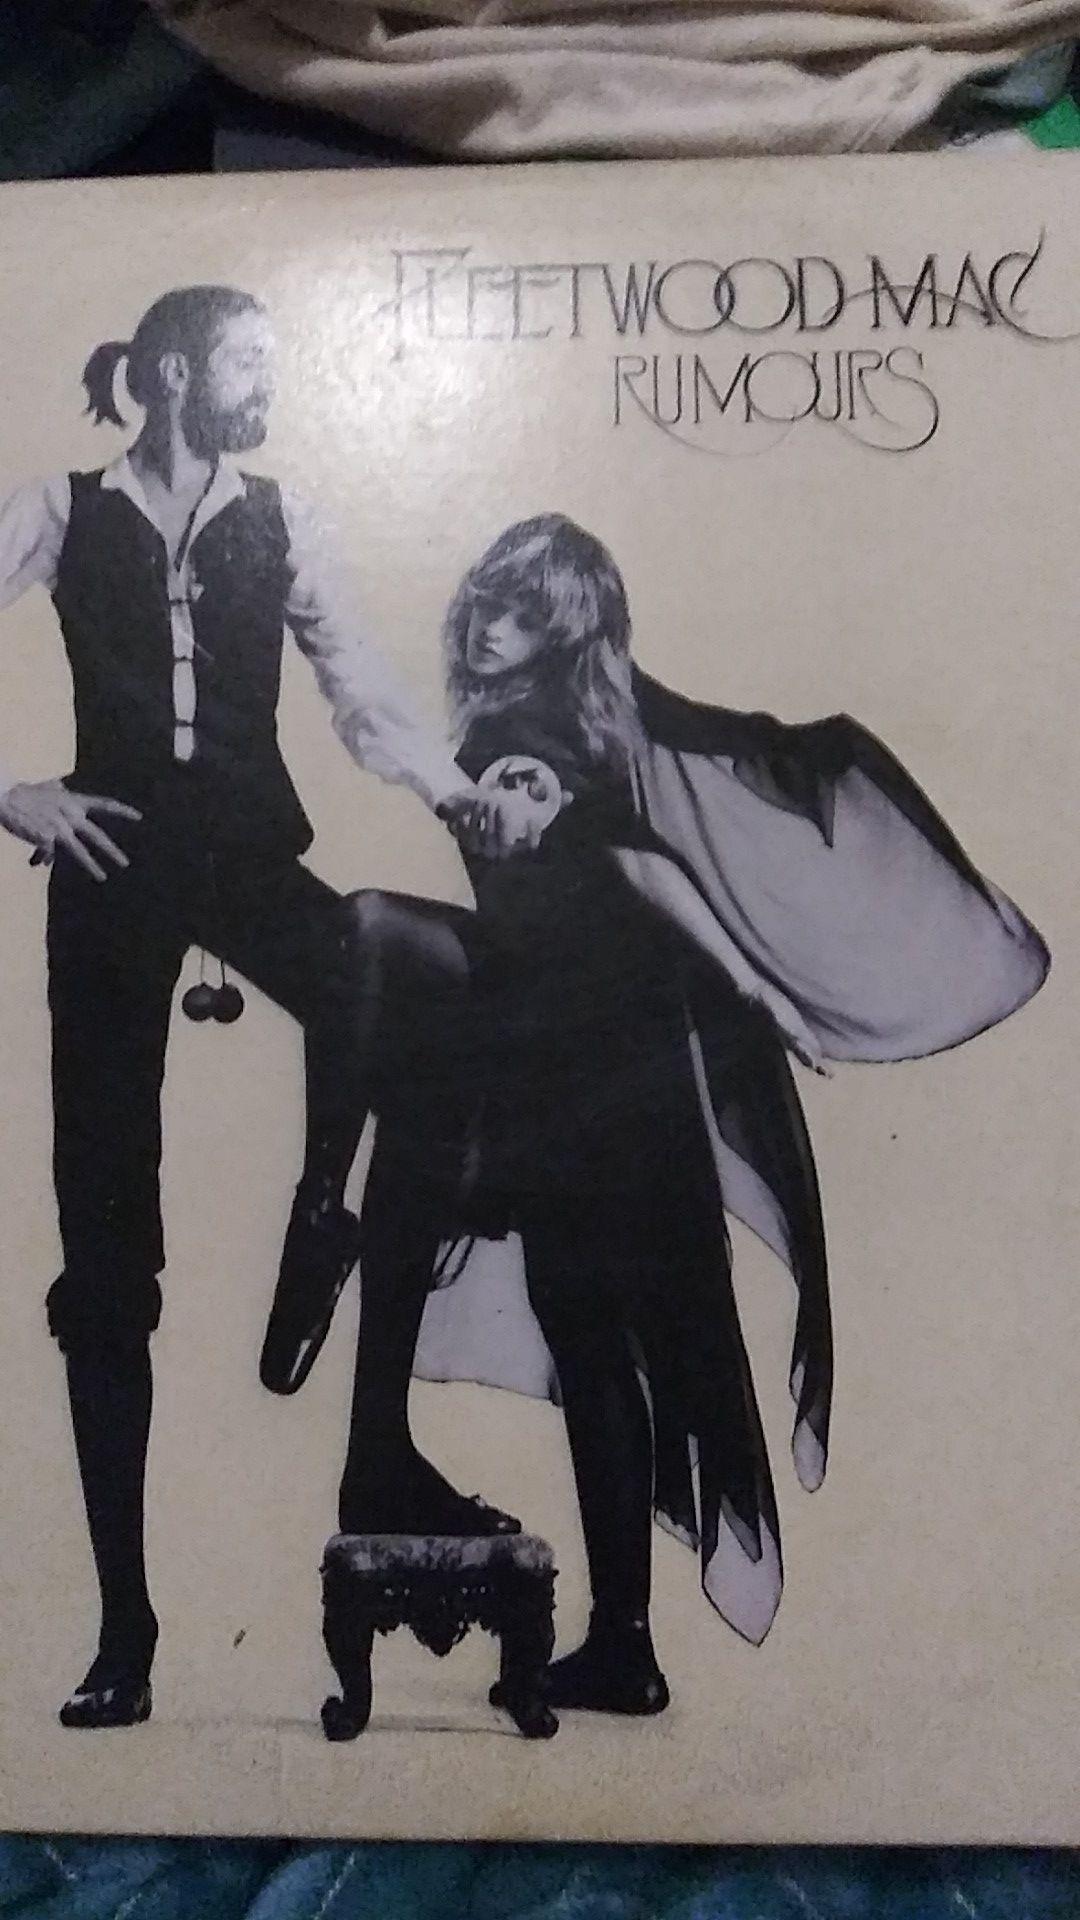 Fleetwood mac vinyls